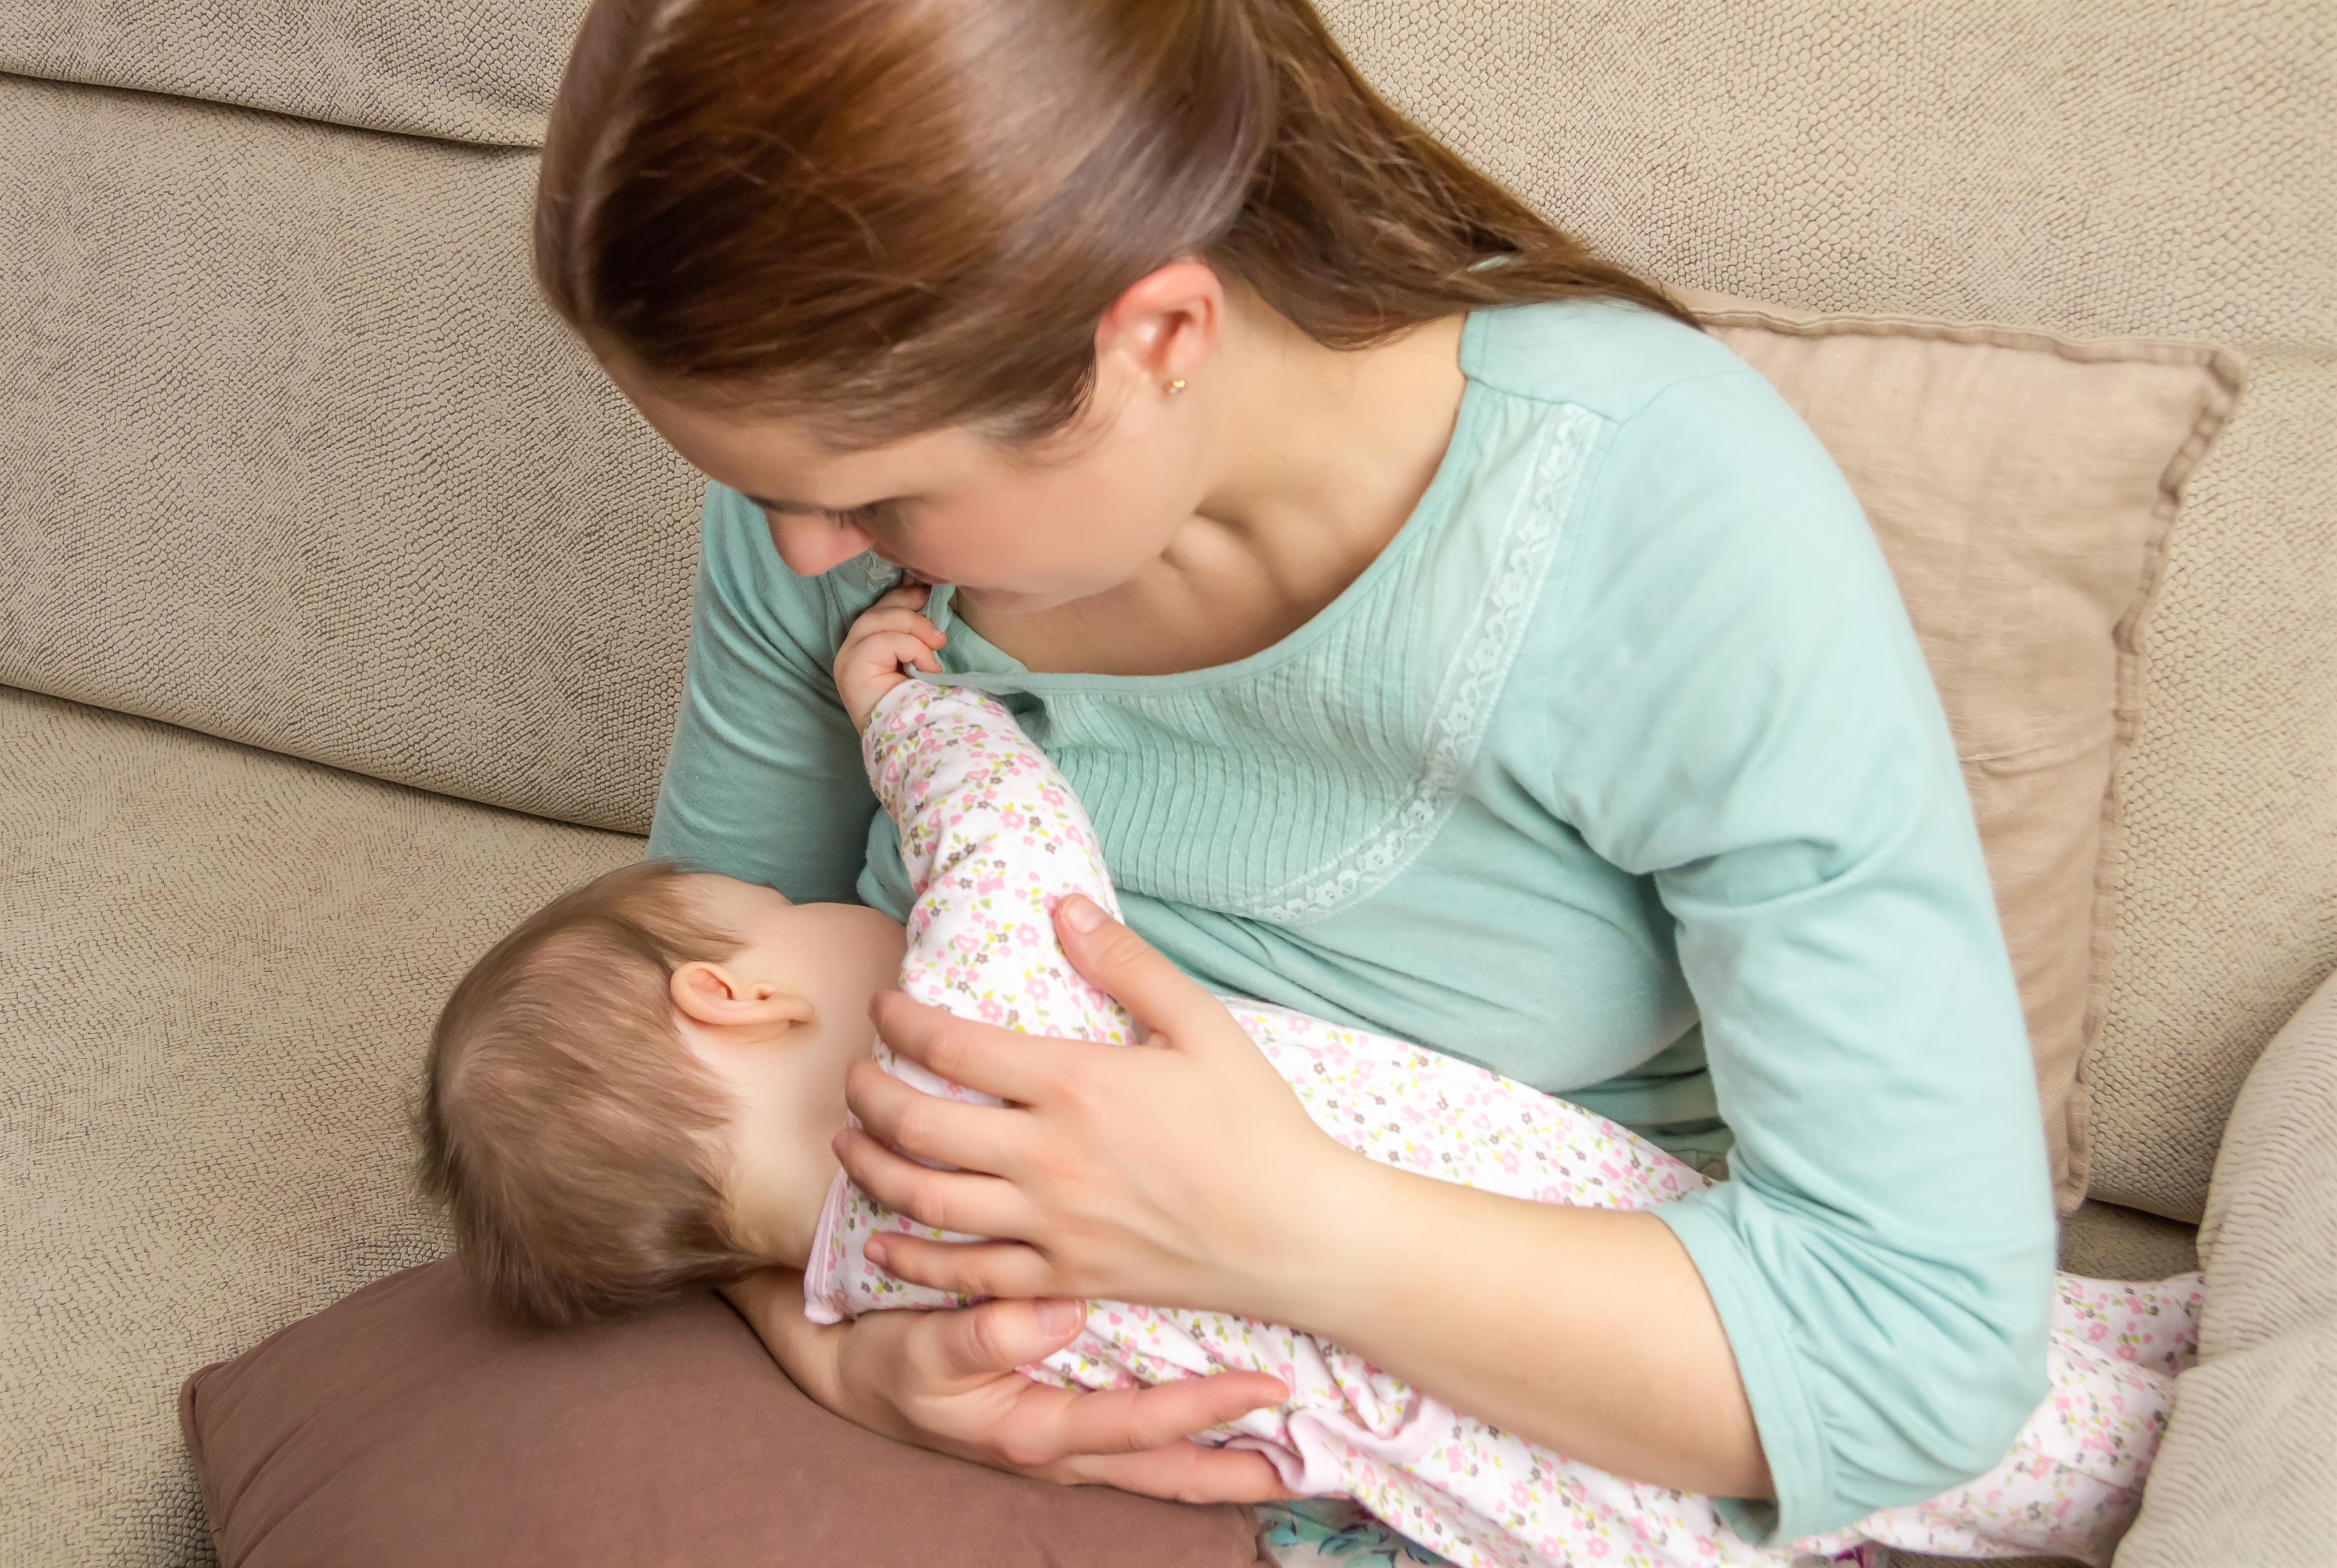 Yeni anneler için en etkili 3 emzirme pozisyonu #1